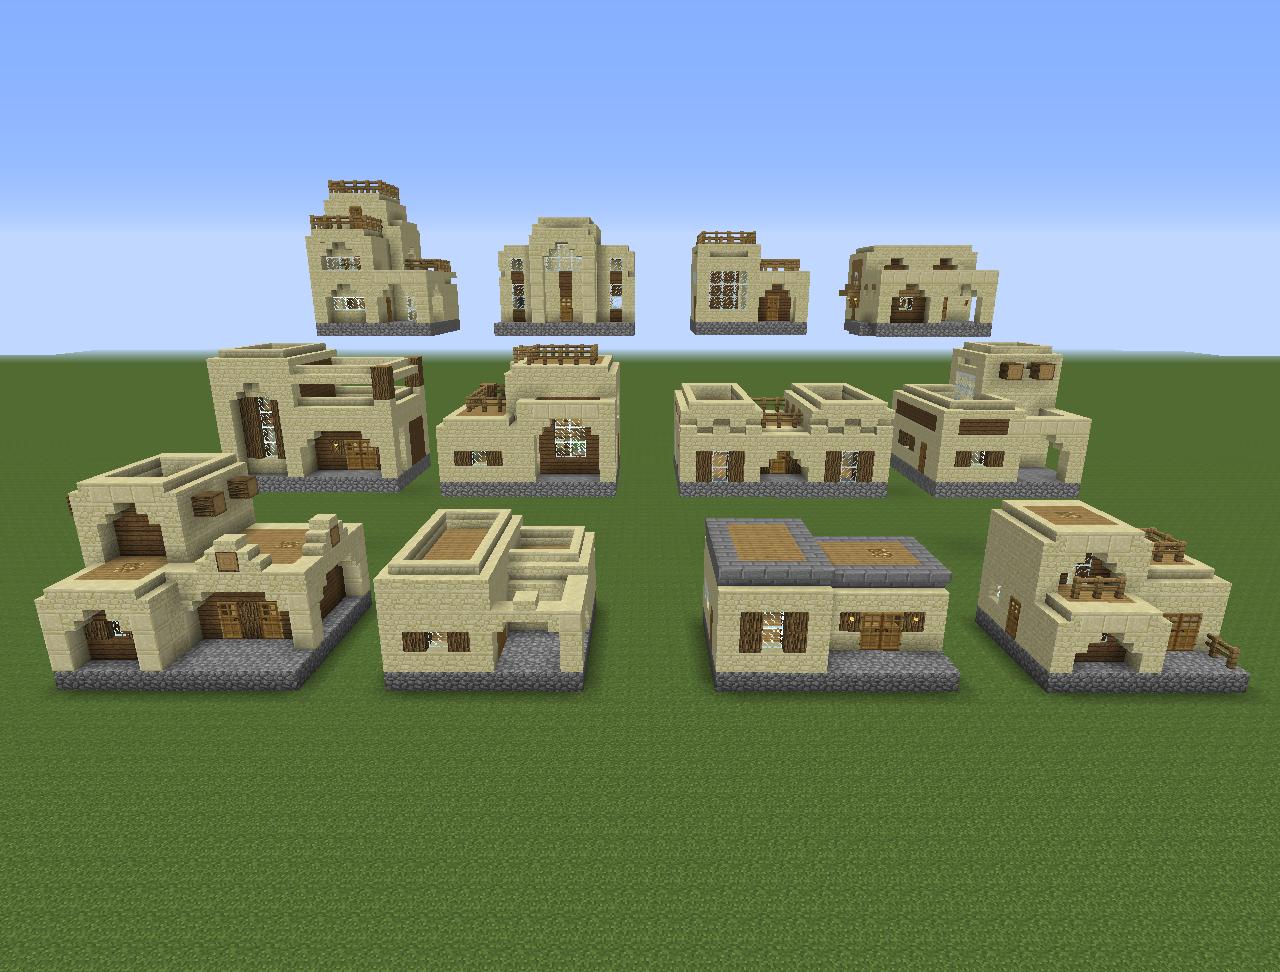 12 House Designs X 2 Building styles = 24 Unique houses ...